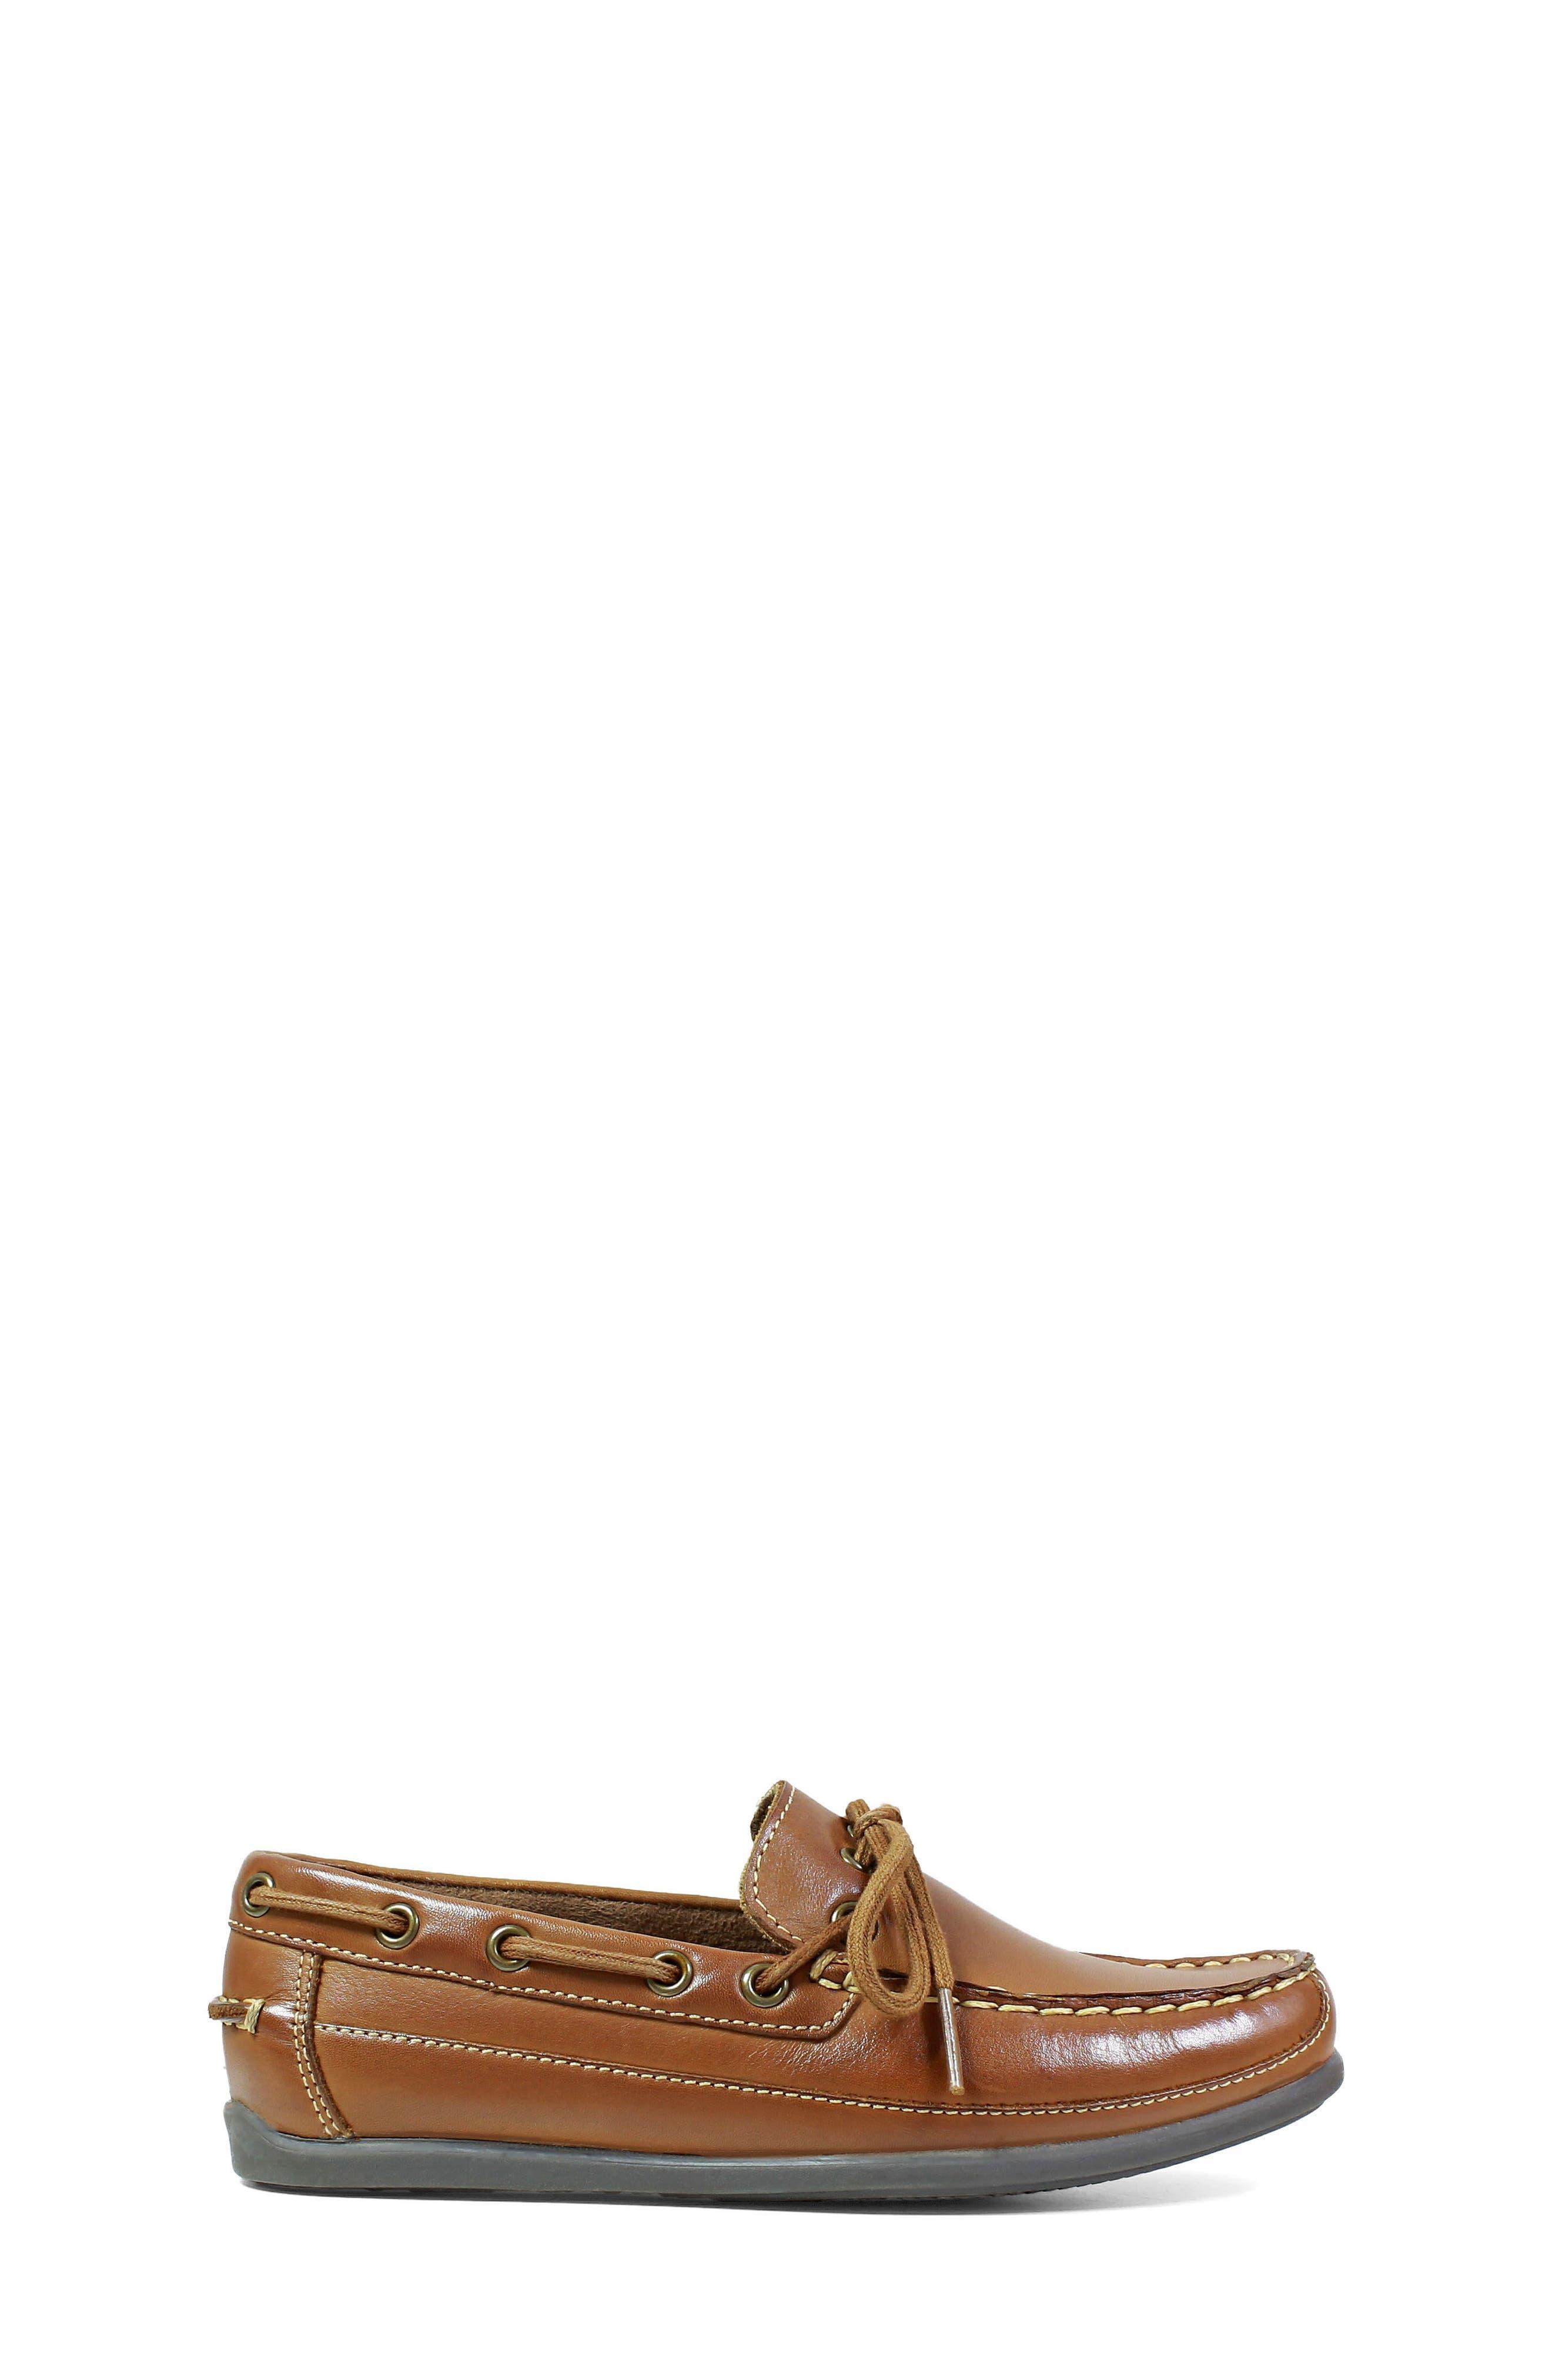 FLORSHEIM, Jasper Boat Shoe, Alternate thumbnail 3, color, SADDLE TAN